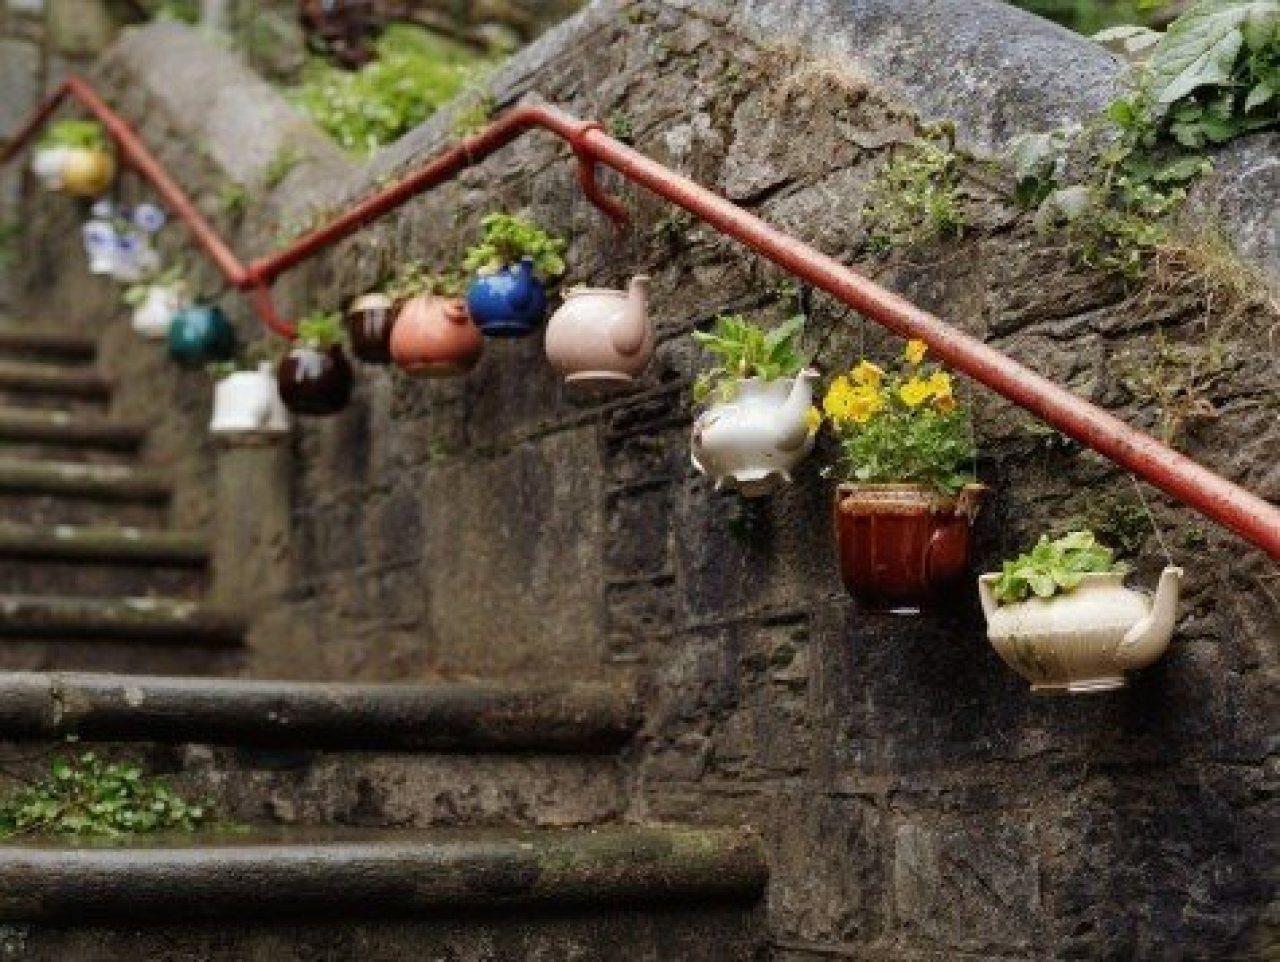 нашем что можно сделать из старых вещей в саду работы